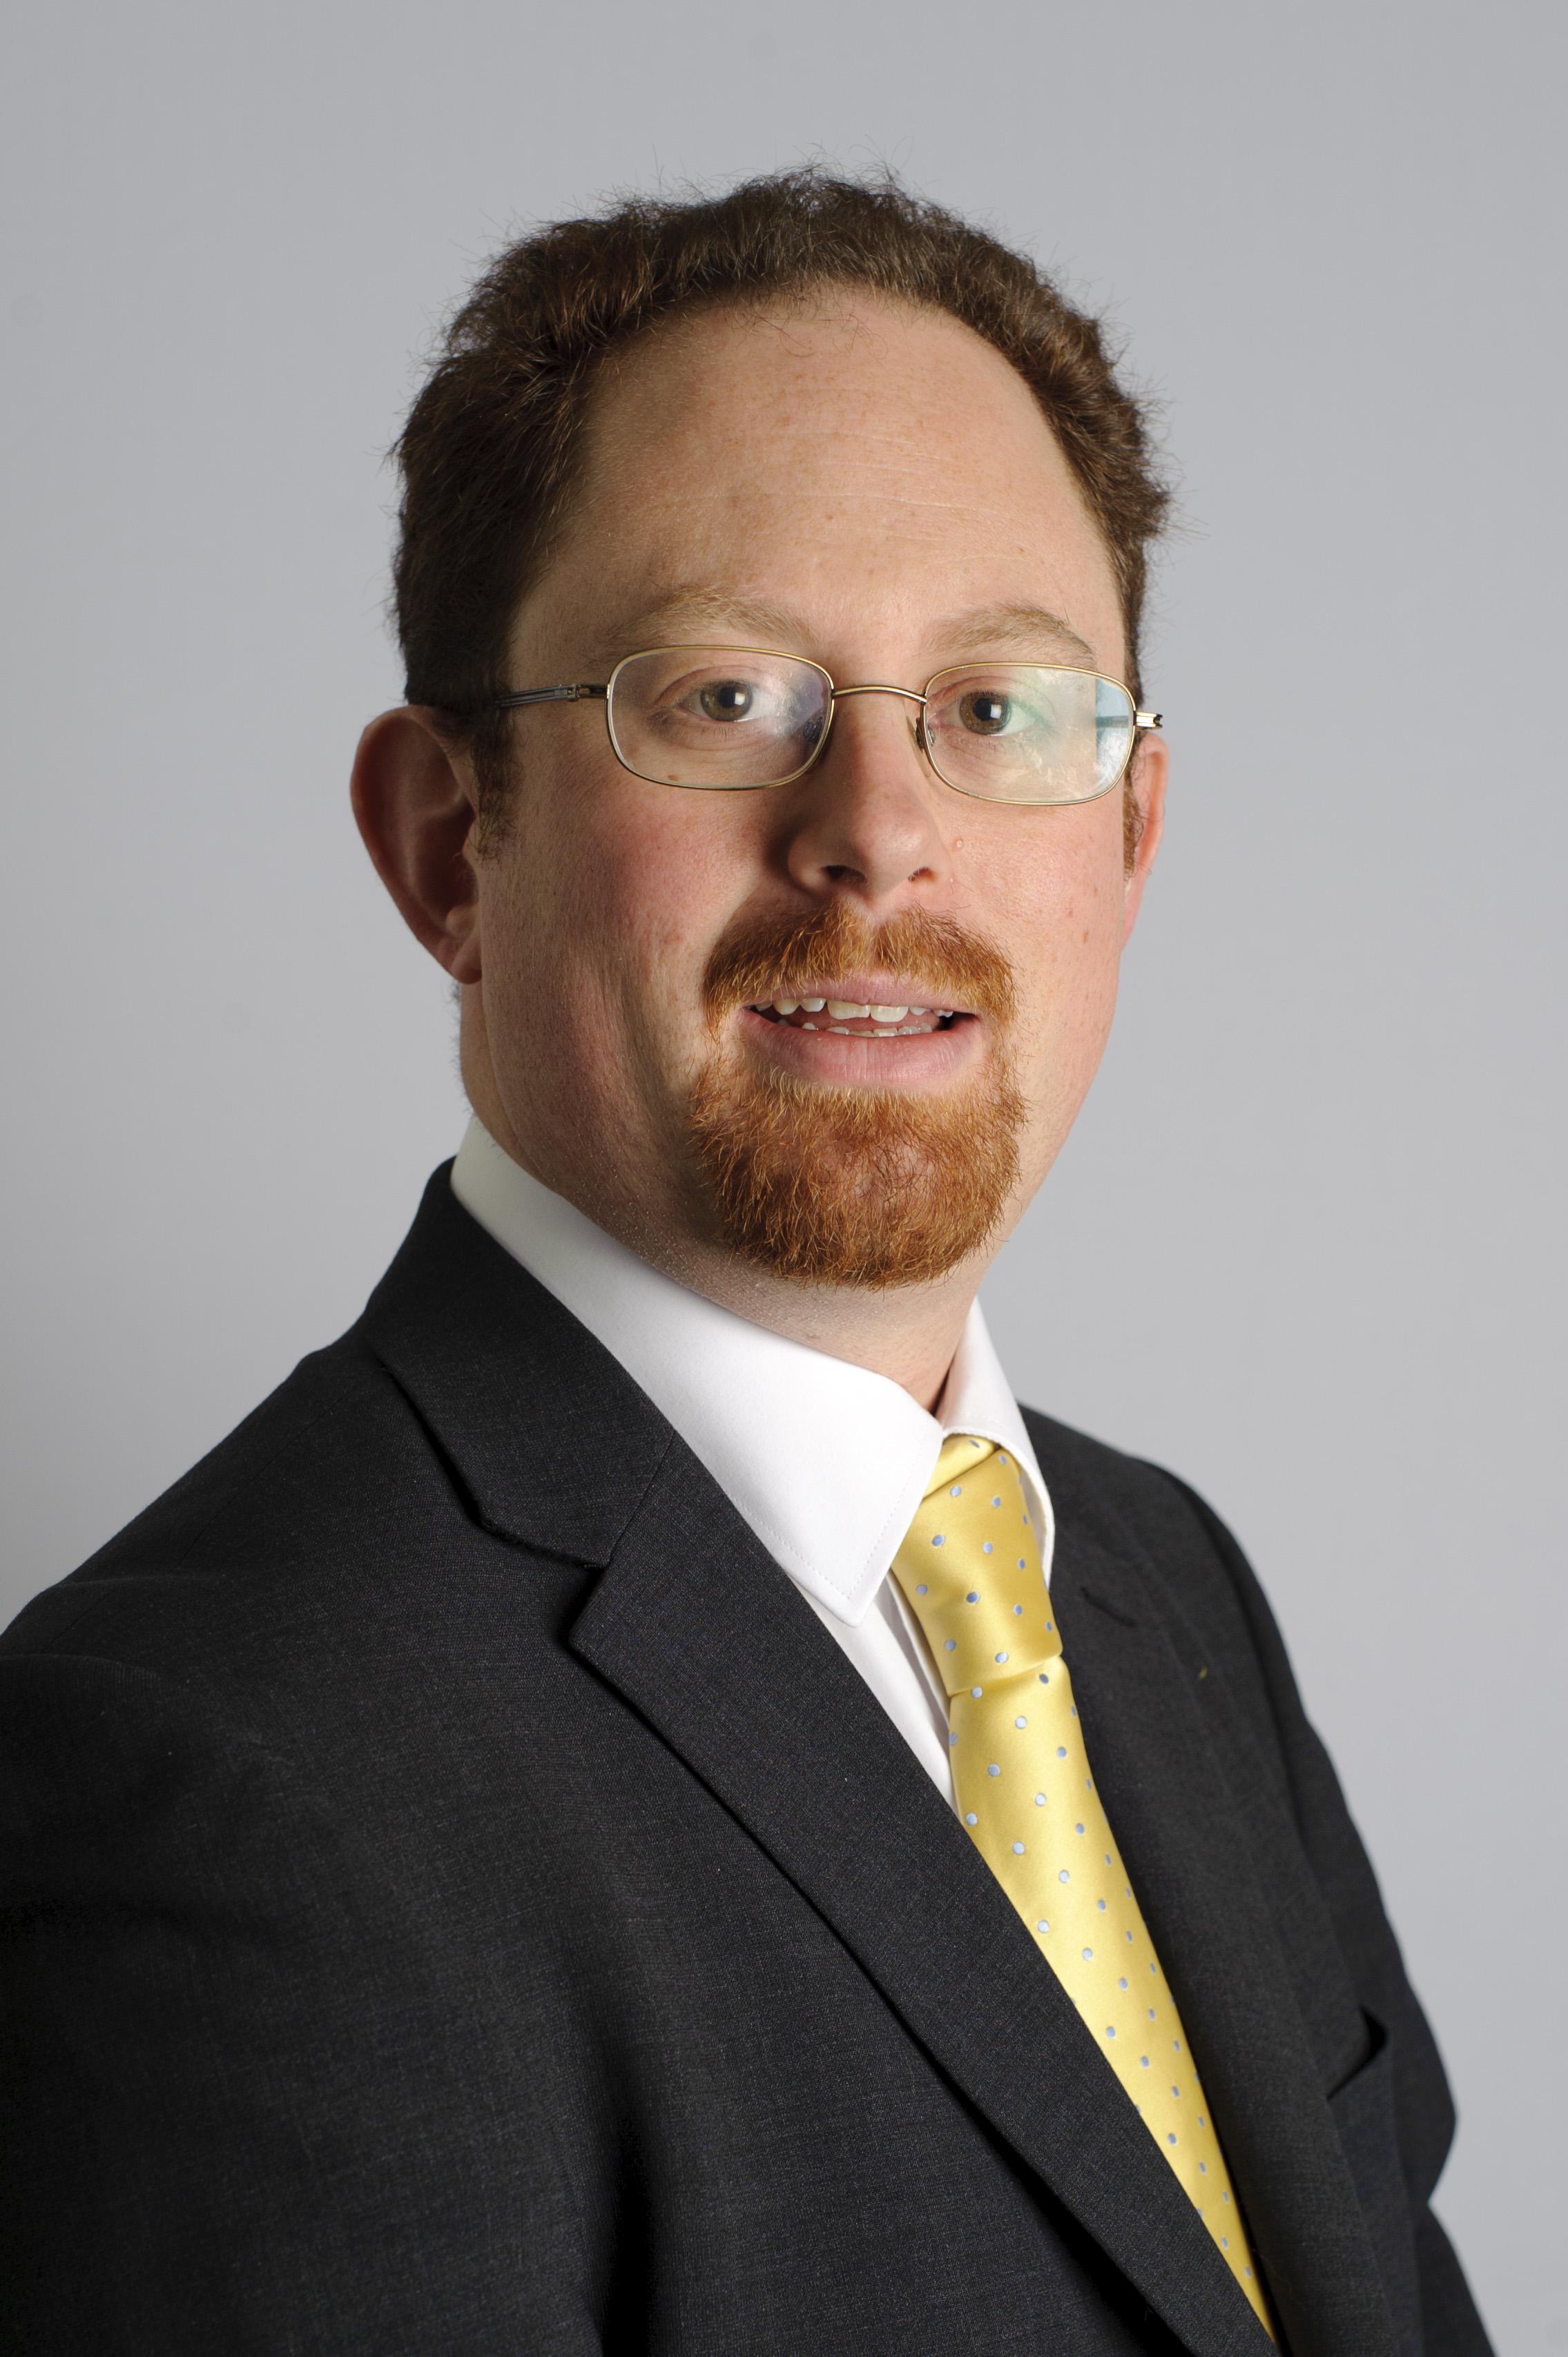 Julian_Huppert_(Stock_Photo)_2012.jpg